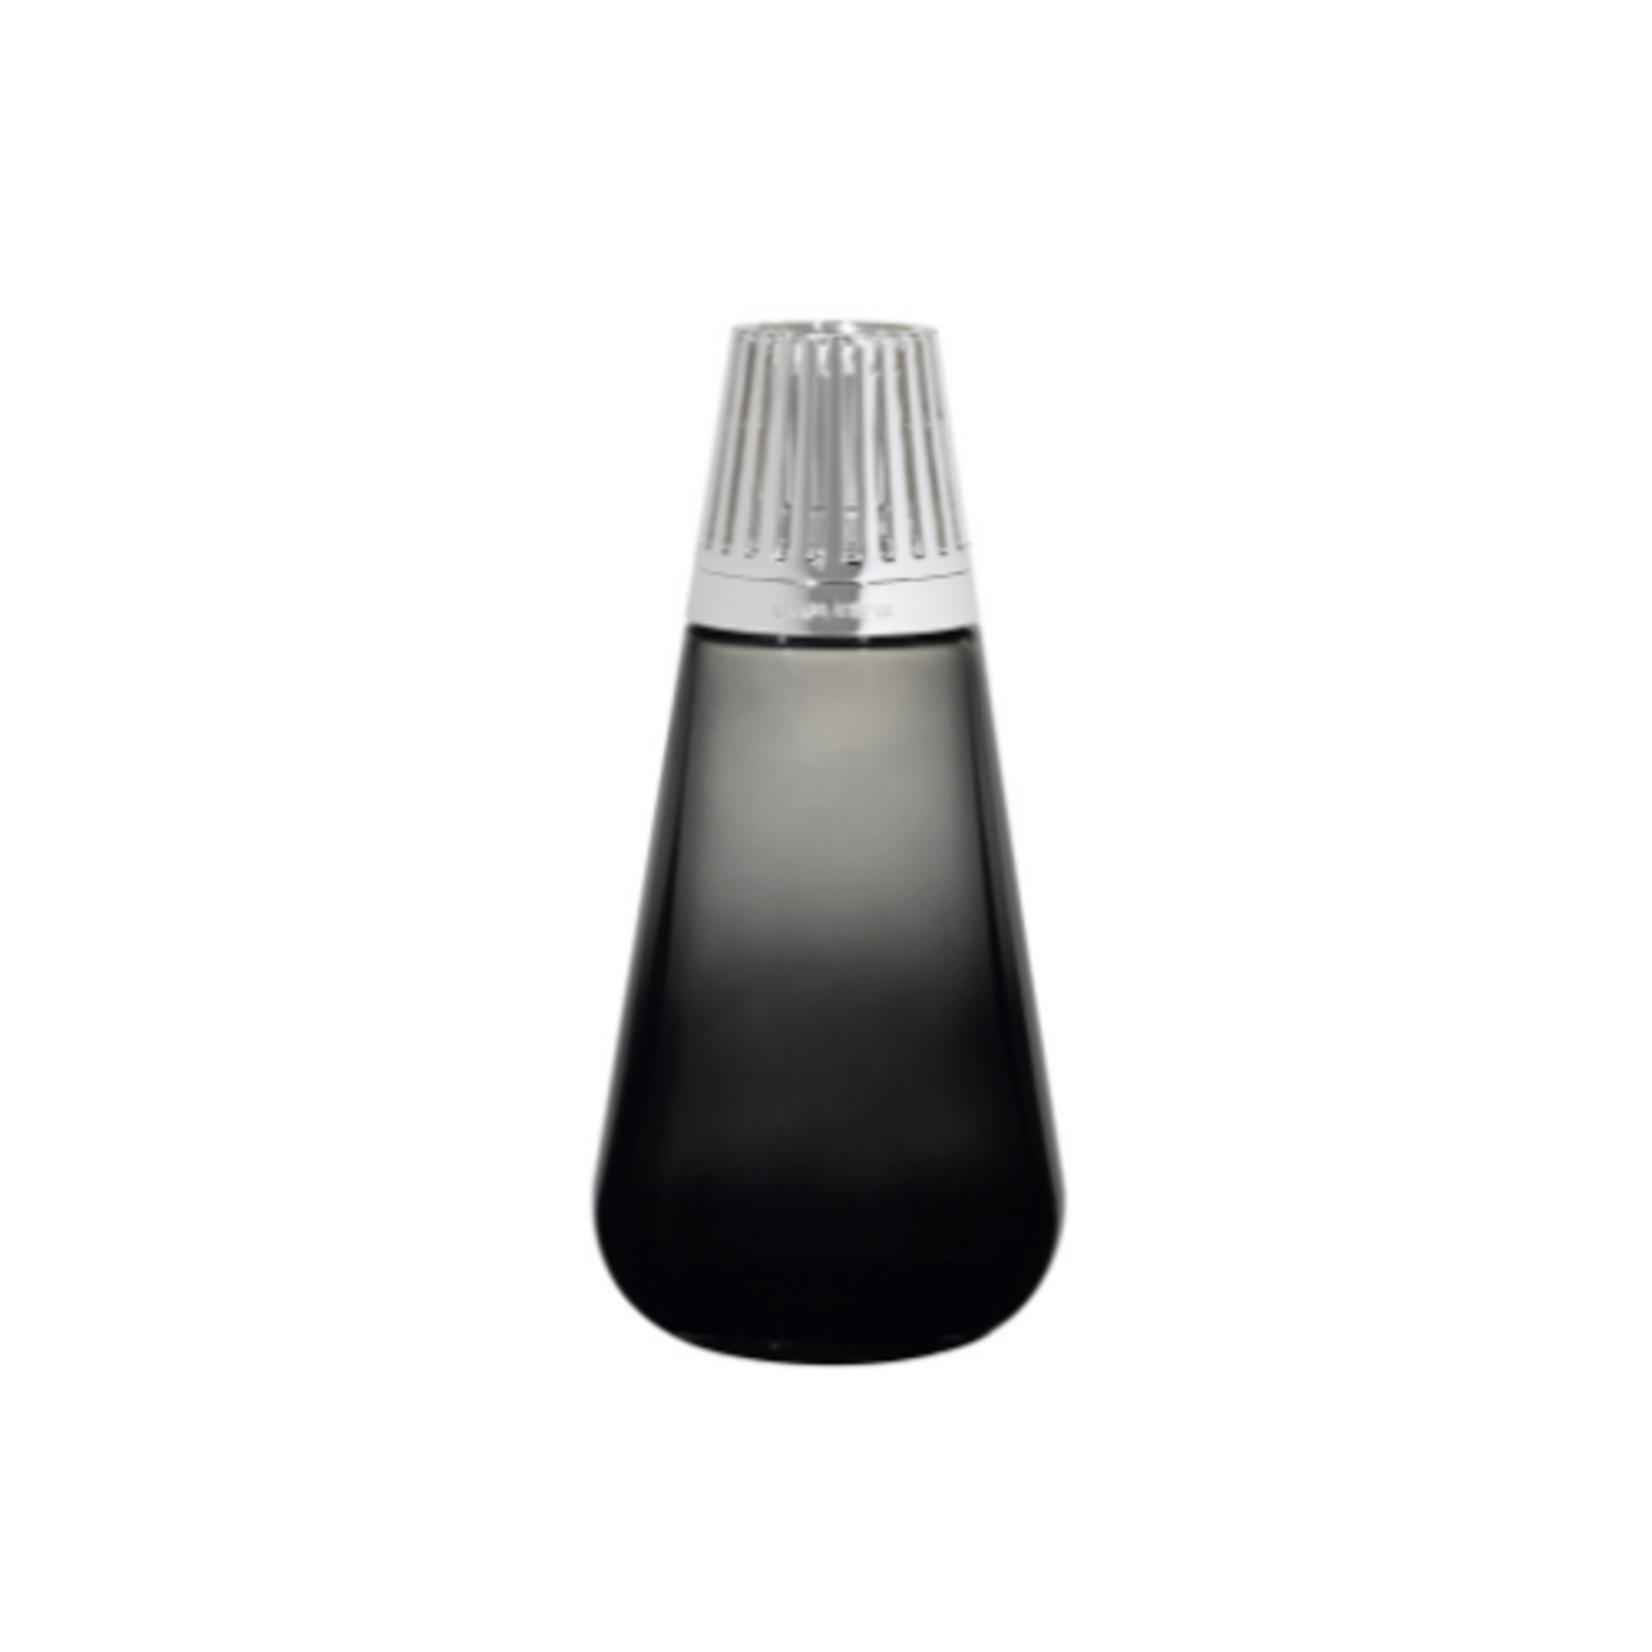 Lampe Berger Lampe Berger Luxe fles Amphora zwart  met zilveren sierdop + 250 ml flesje Sweet Fig